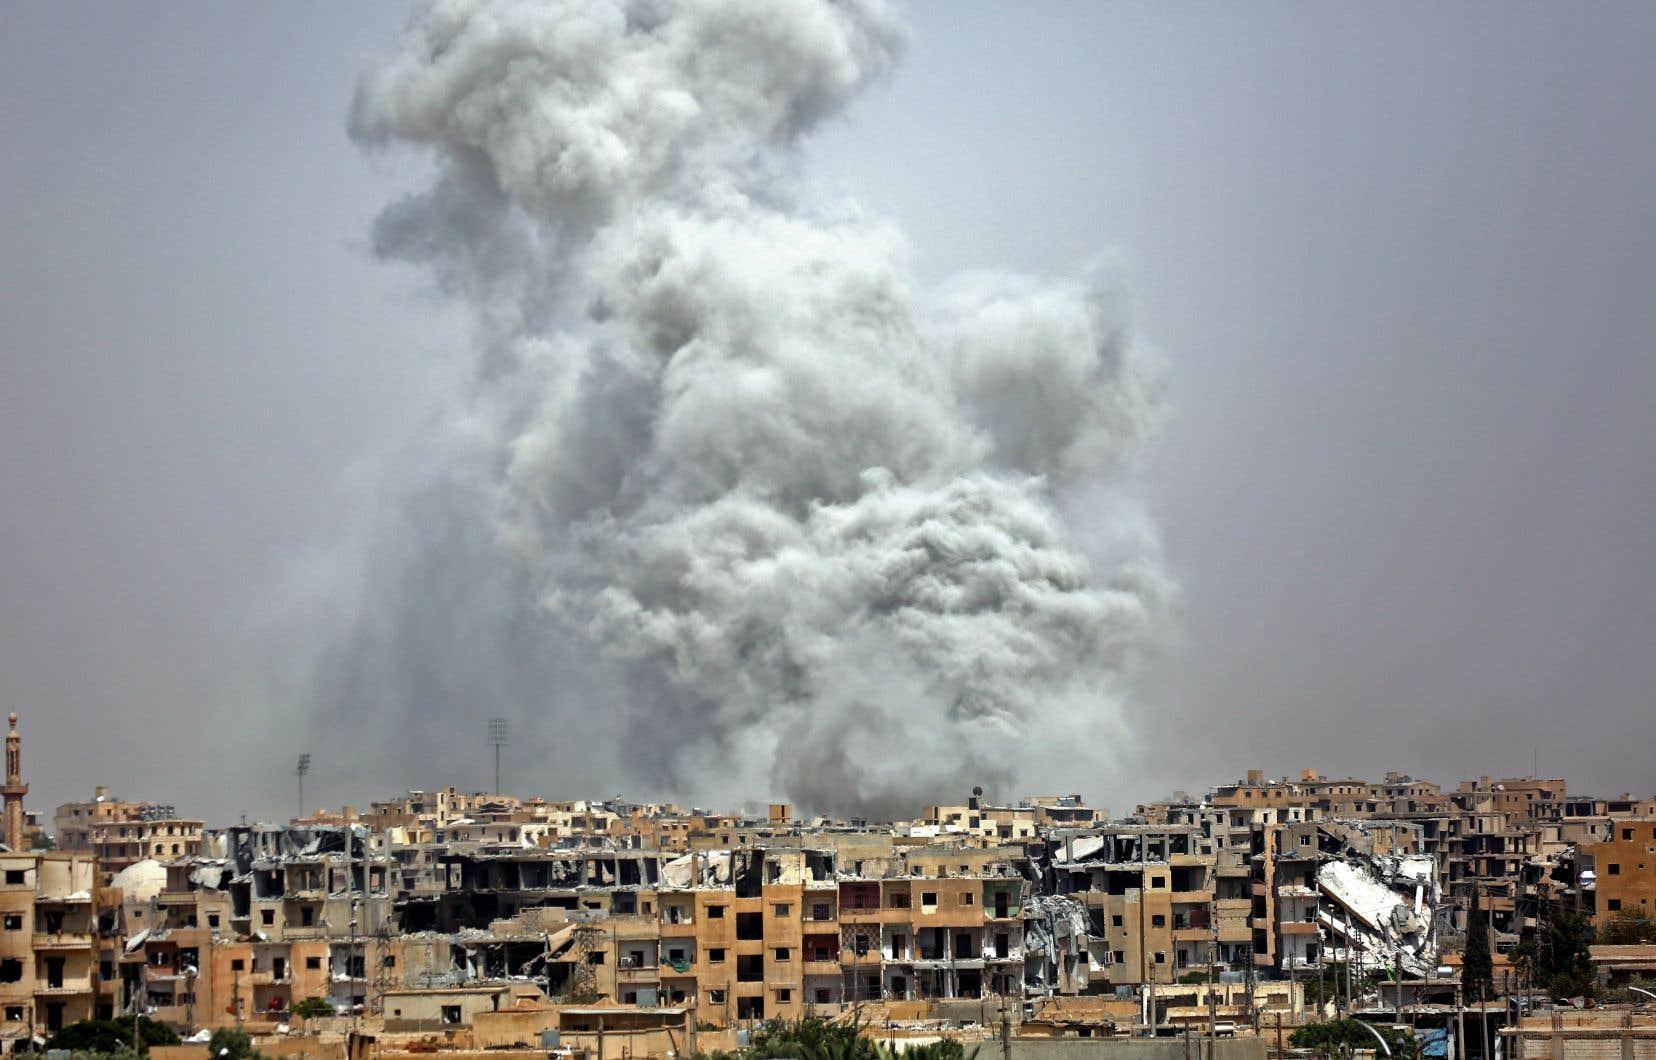 Ancienne capitale du califat autoproclamé en 2014 par le groupe EI, Raqqa a été détruite à près de 80% lors de cette offensive de quatre mois sous la gouverne des États-Unis qui visait à déloger les combattants extrémistes.